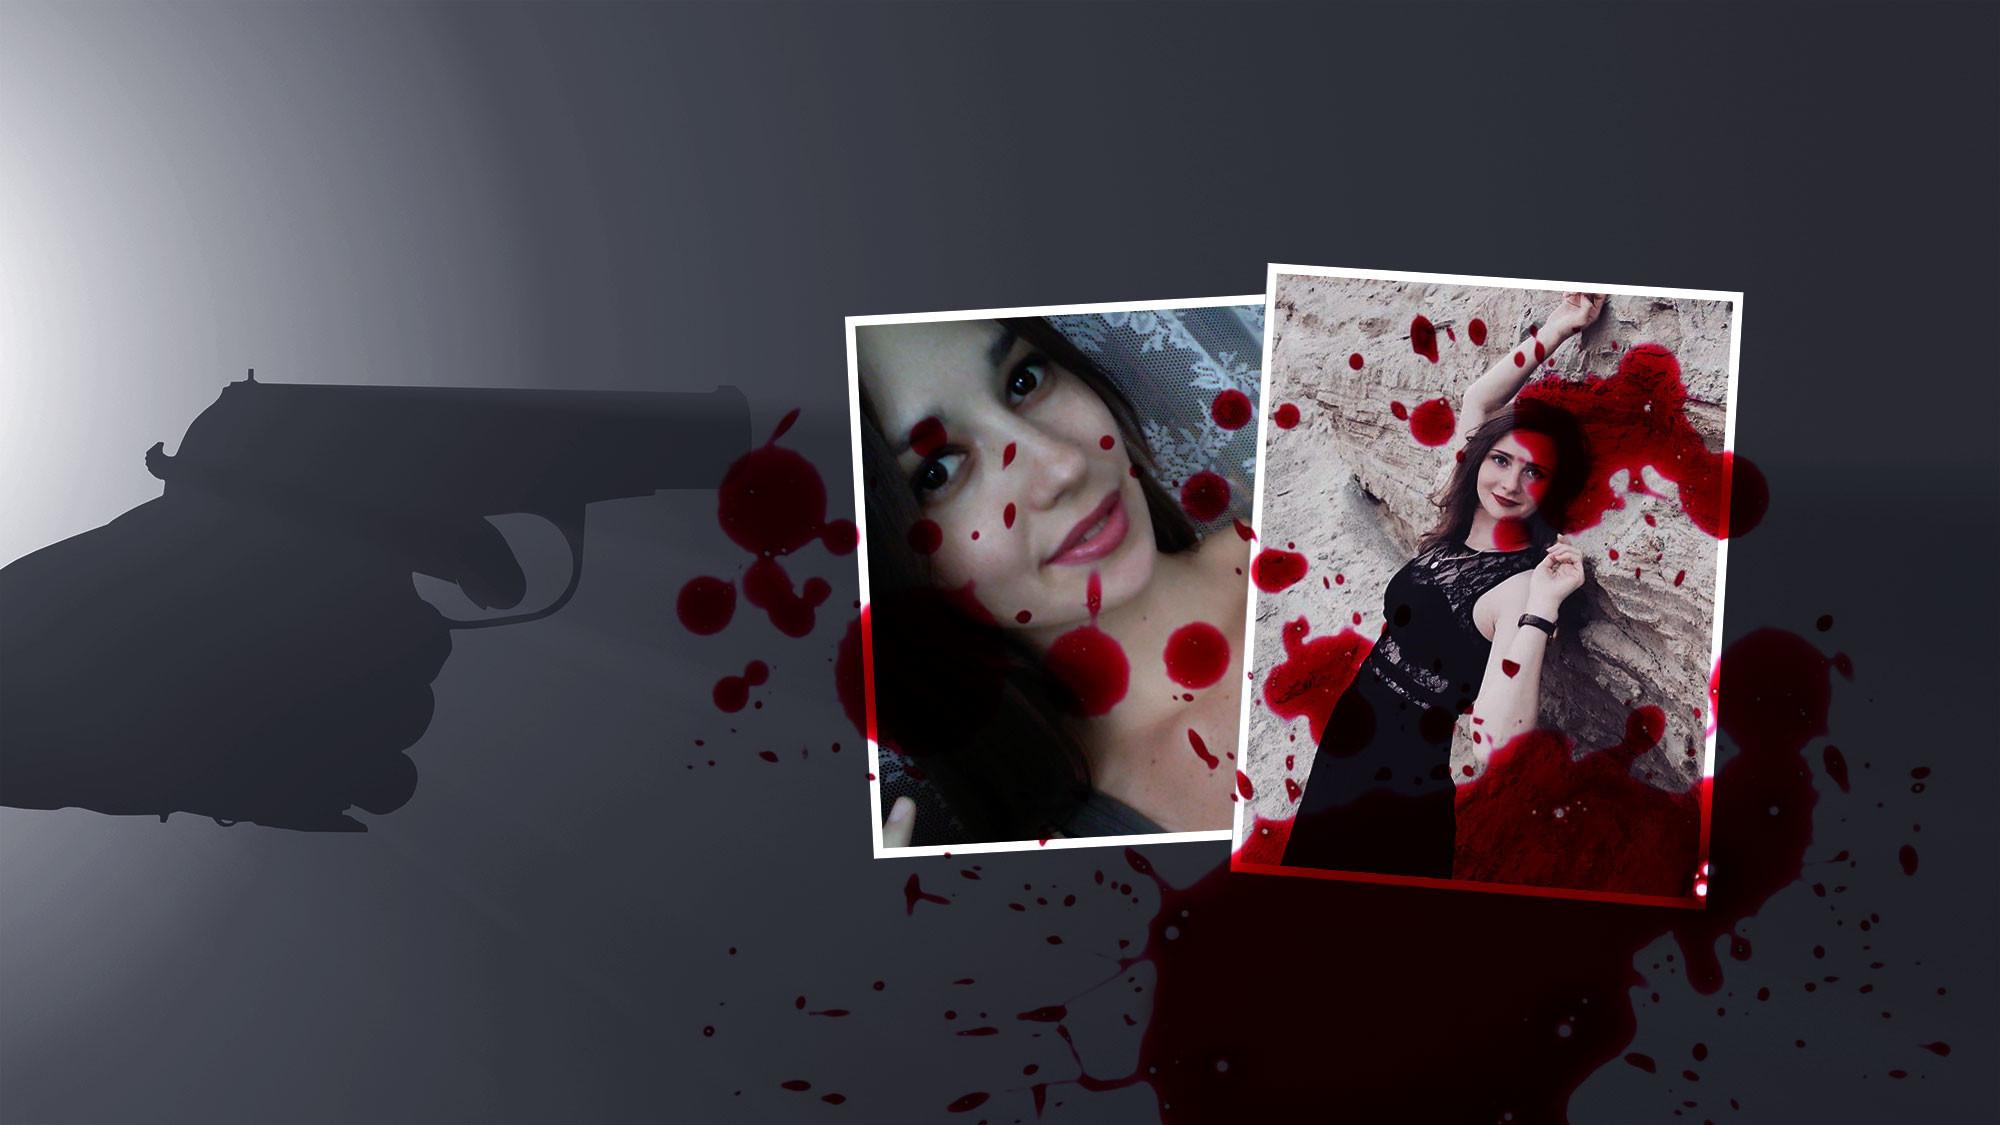 """<p>Фото © Shutterstock, VK / <a href=""""https://vk.com/kseny_s7?z=photo6725066_424847722%2Fphotos6725066"""" target=""""_self"""">Ксения Солтанова</a>, <a href=""""https://vk.com/nata_liaaa"""" target=""""_self""""><strong>Наталья Кузнецова</strong></a></p>"""